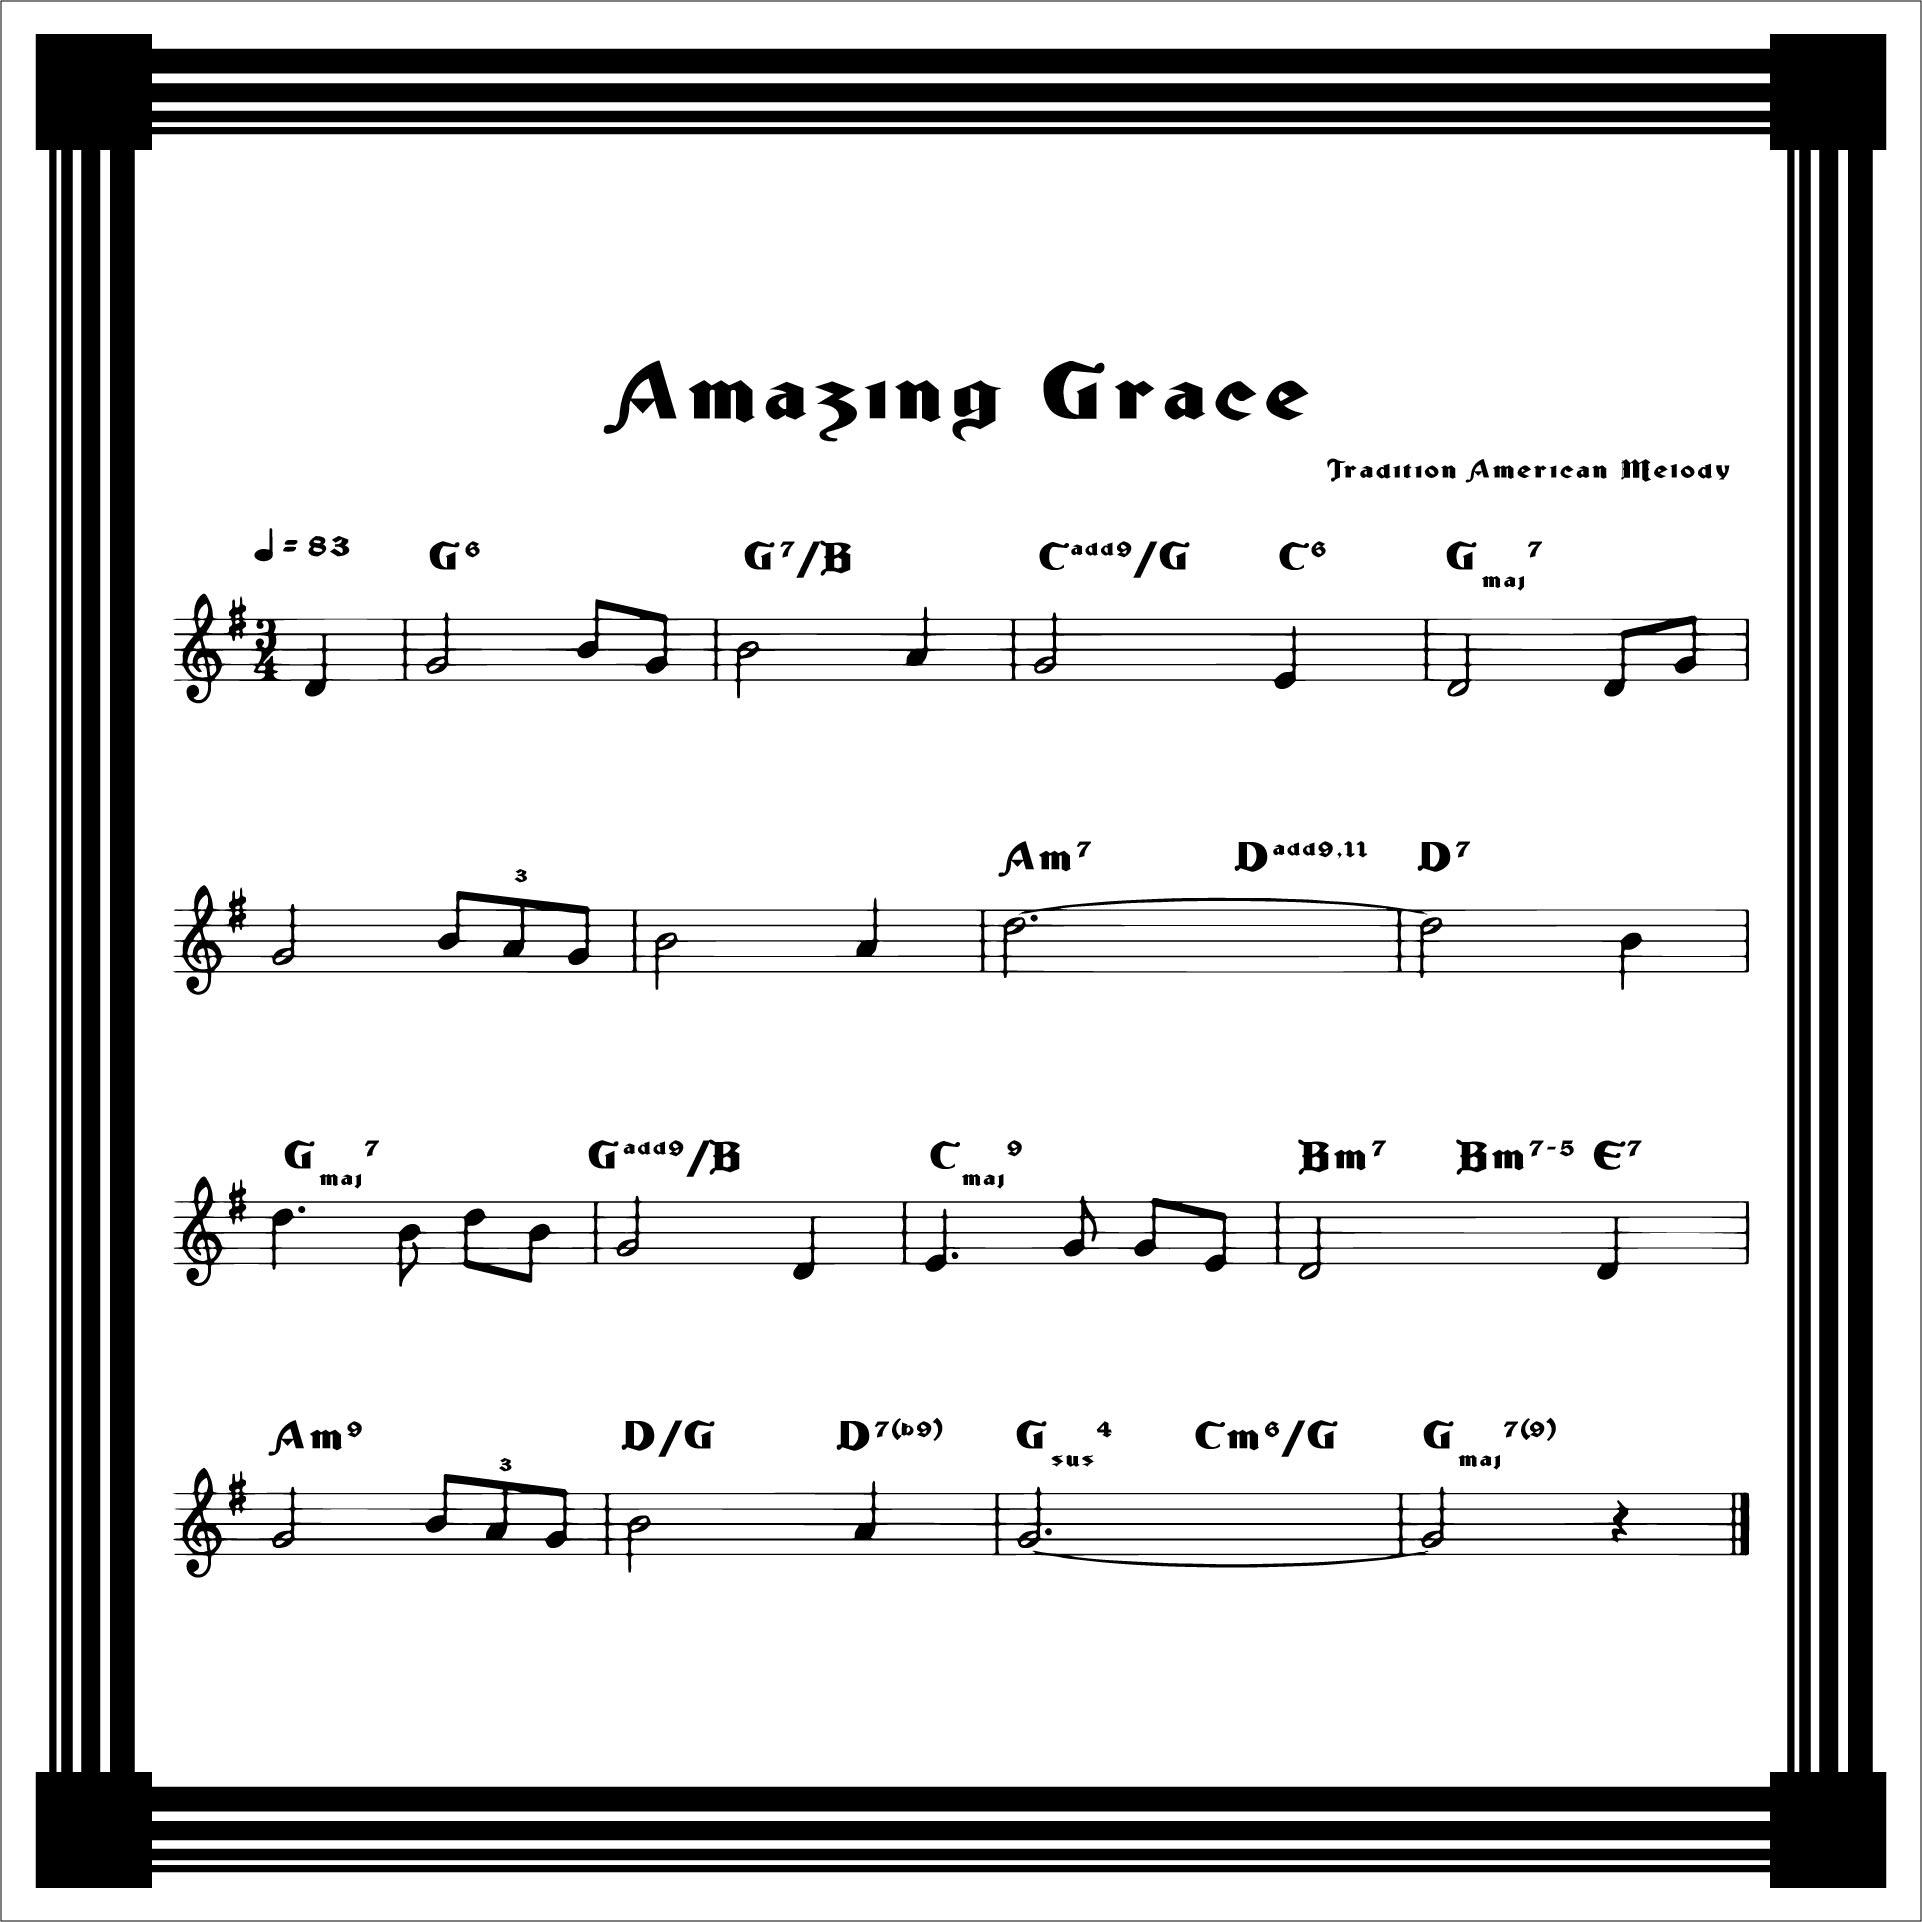 Amazing Grace Hymn Sheet Music